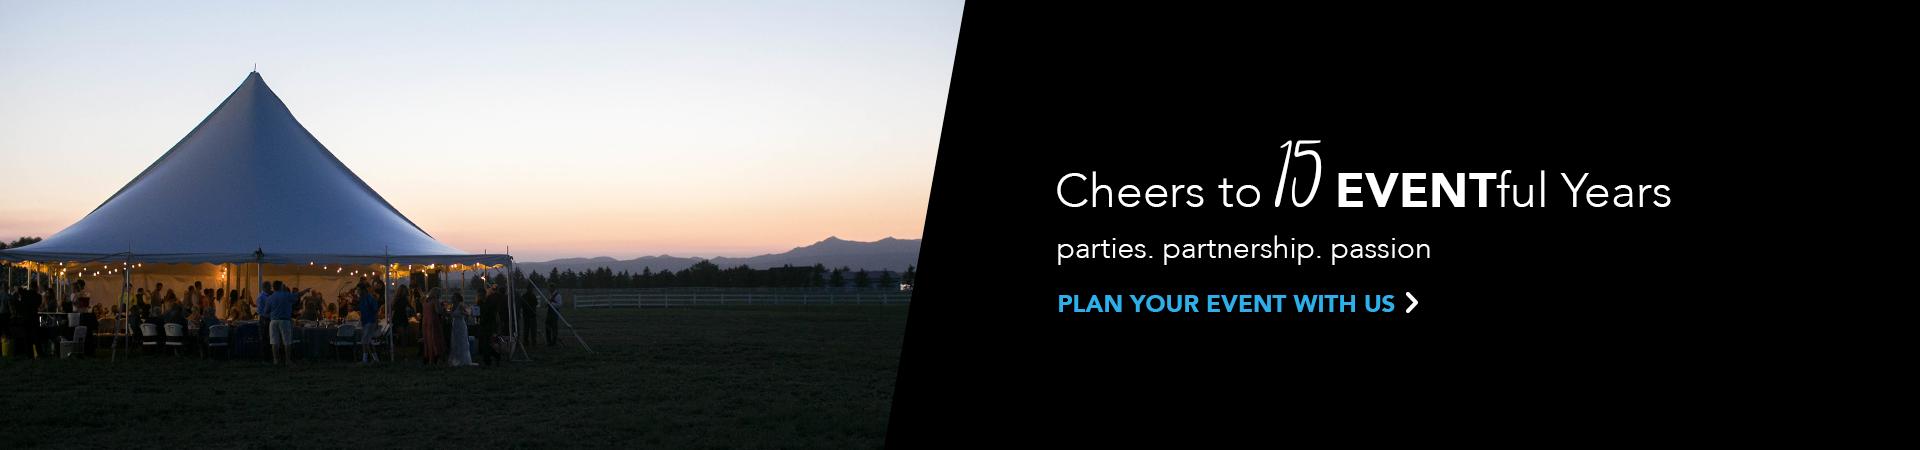 Flexx Productions Tent Rental Event Rentals Party Rentals